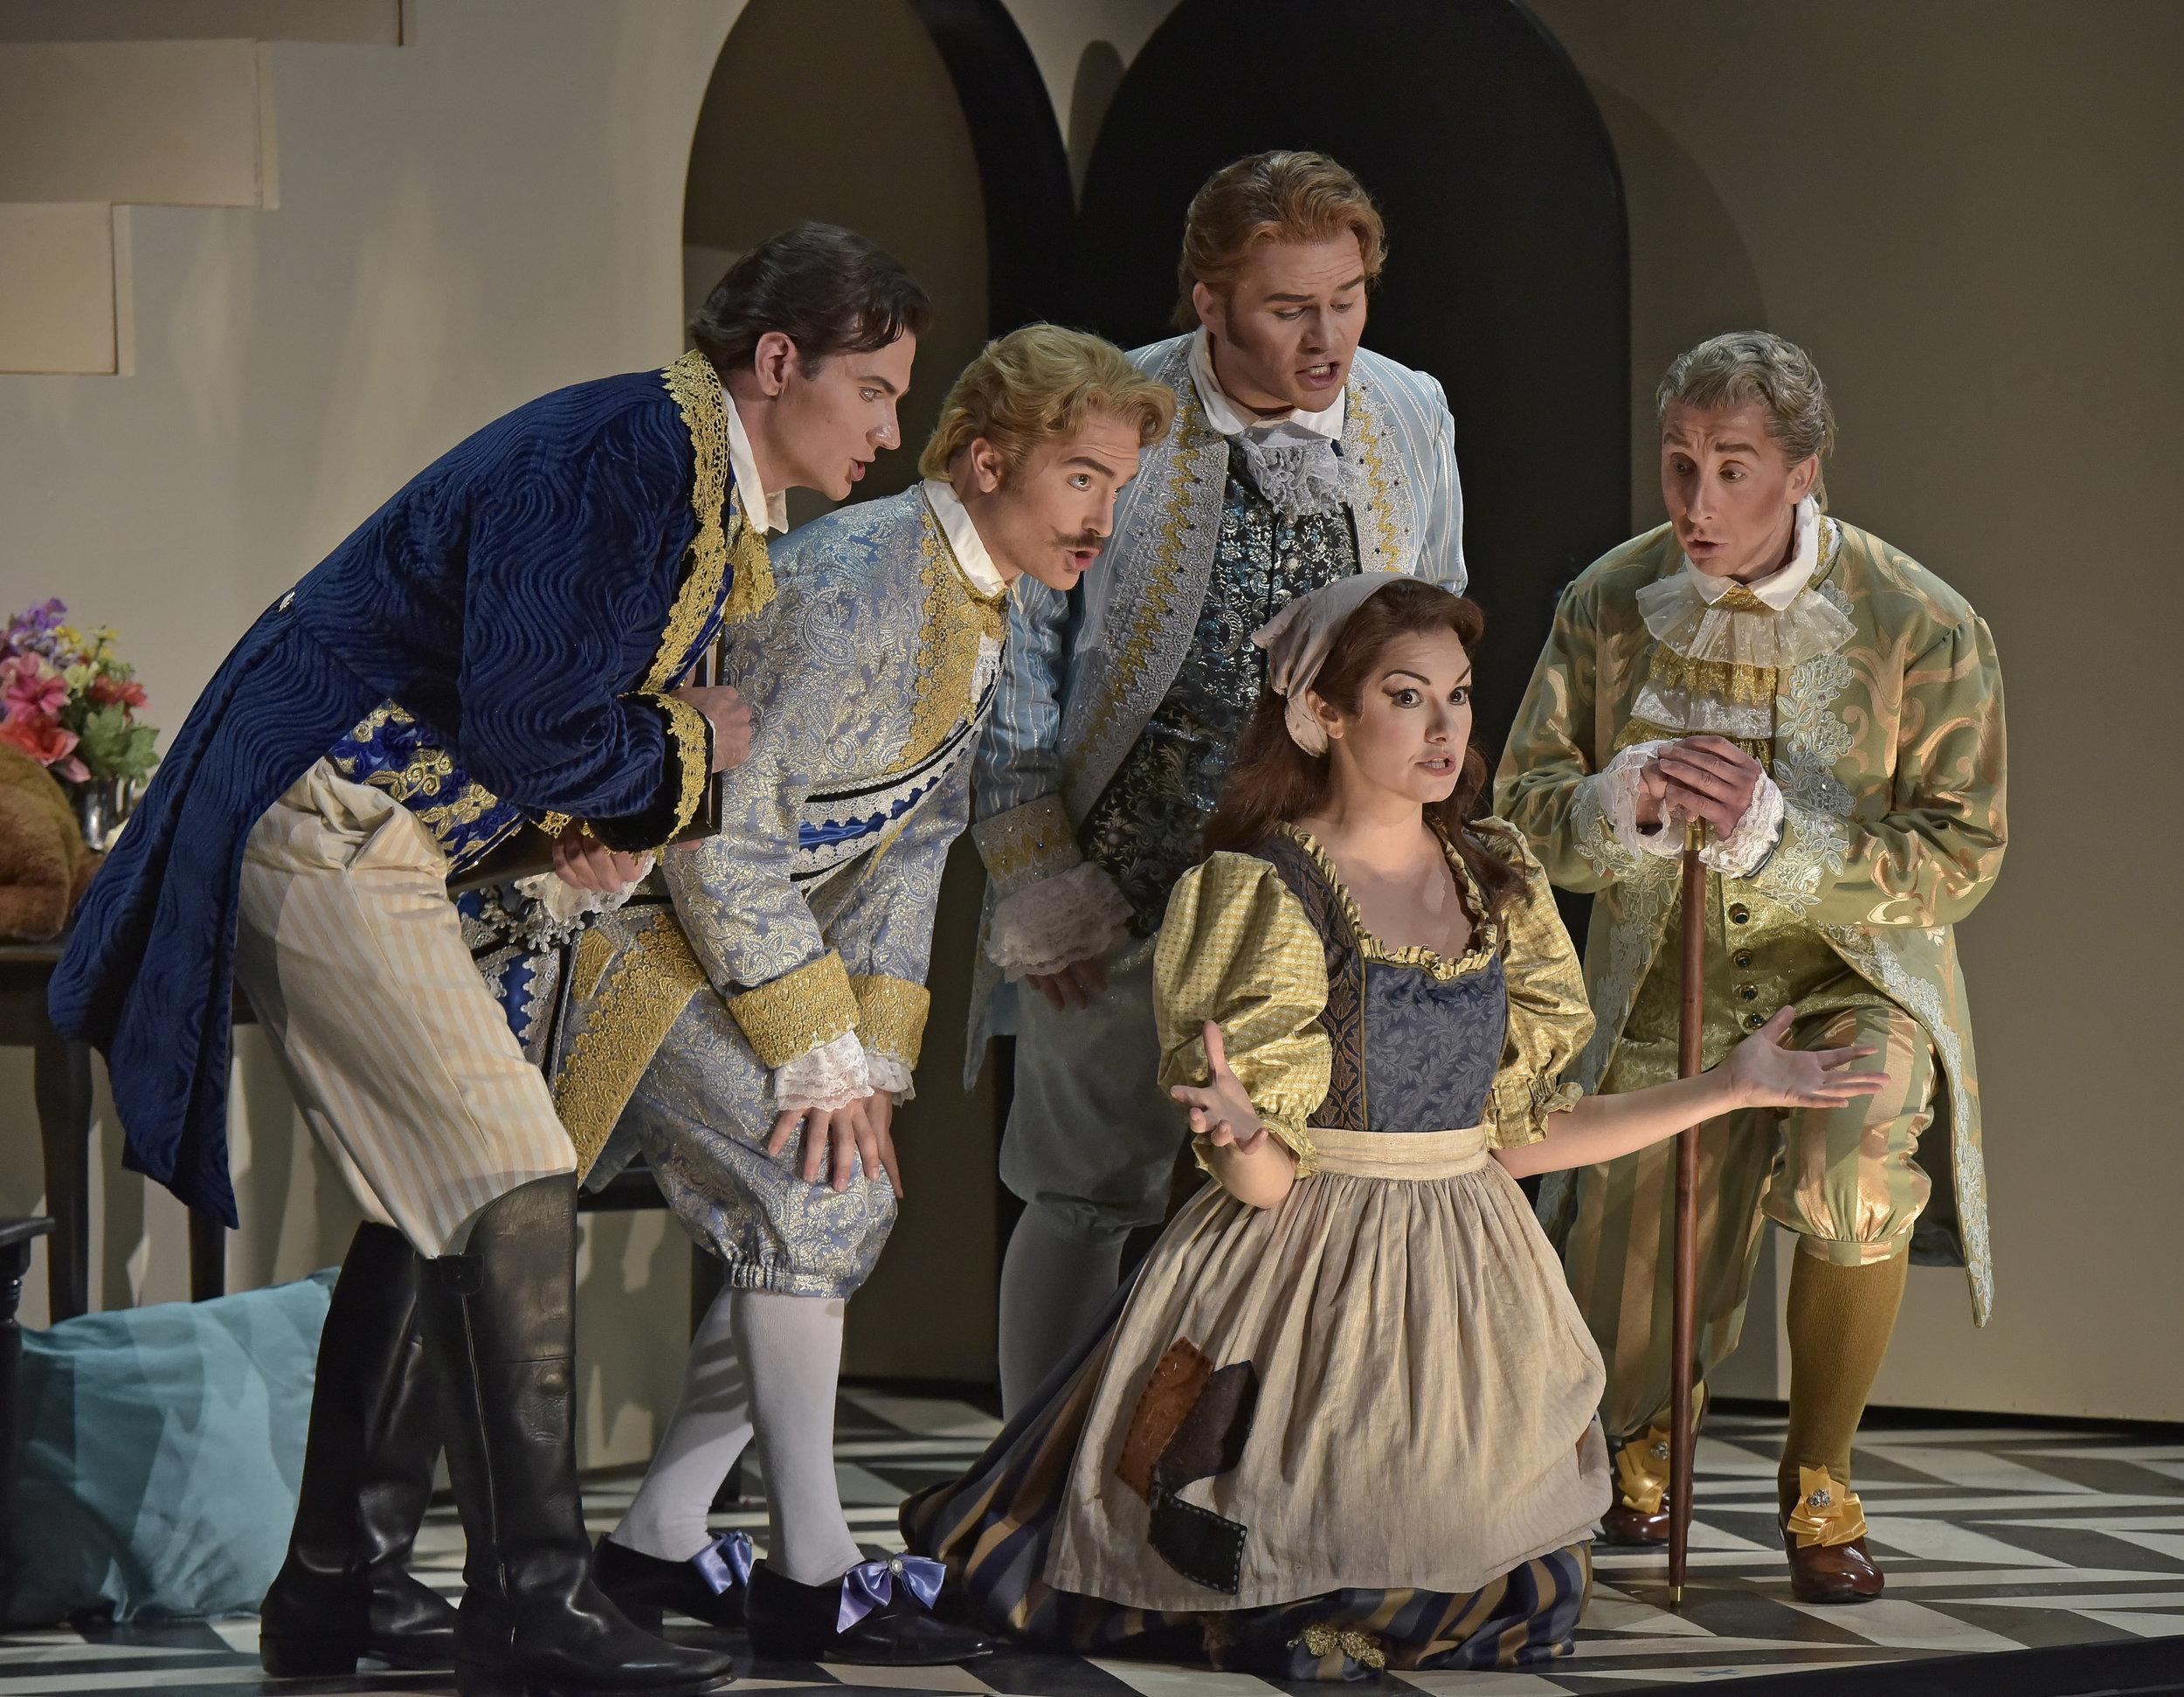 Opera_Saratoga_GG62450.jpg